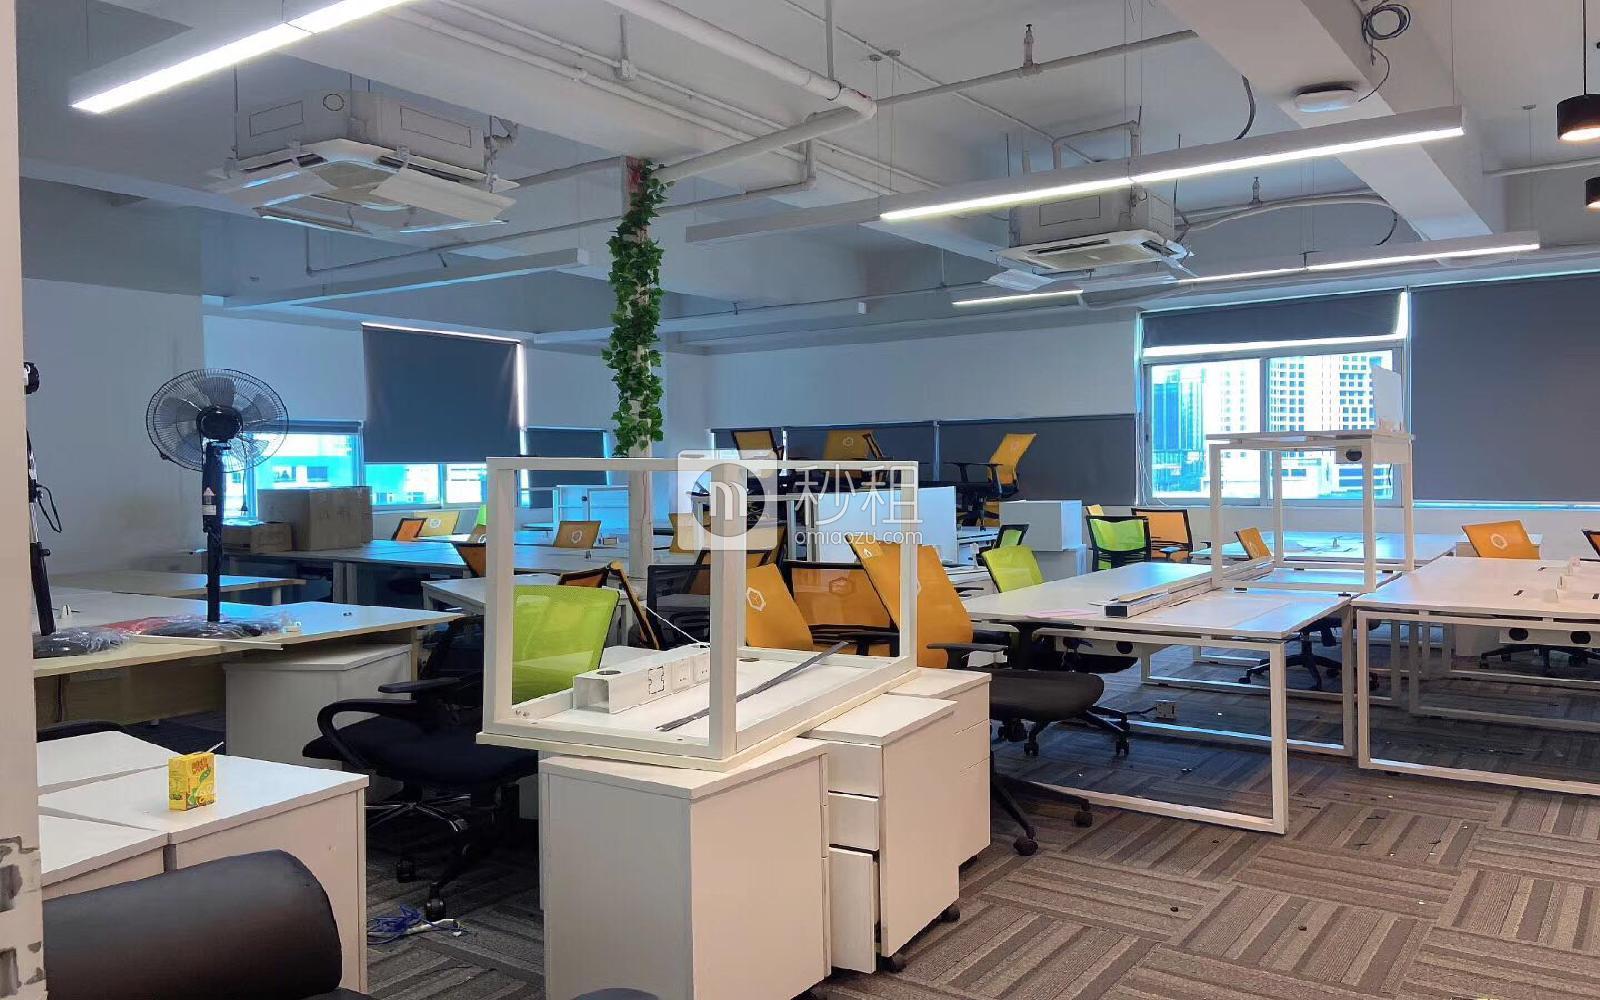 南山-科技园 虚拟大学园 235m²